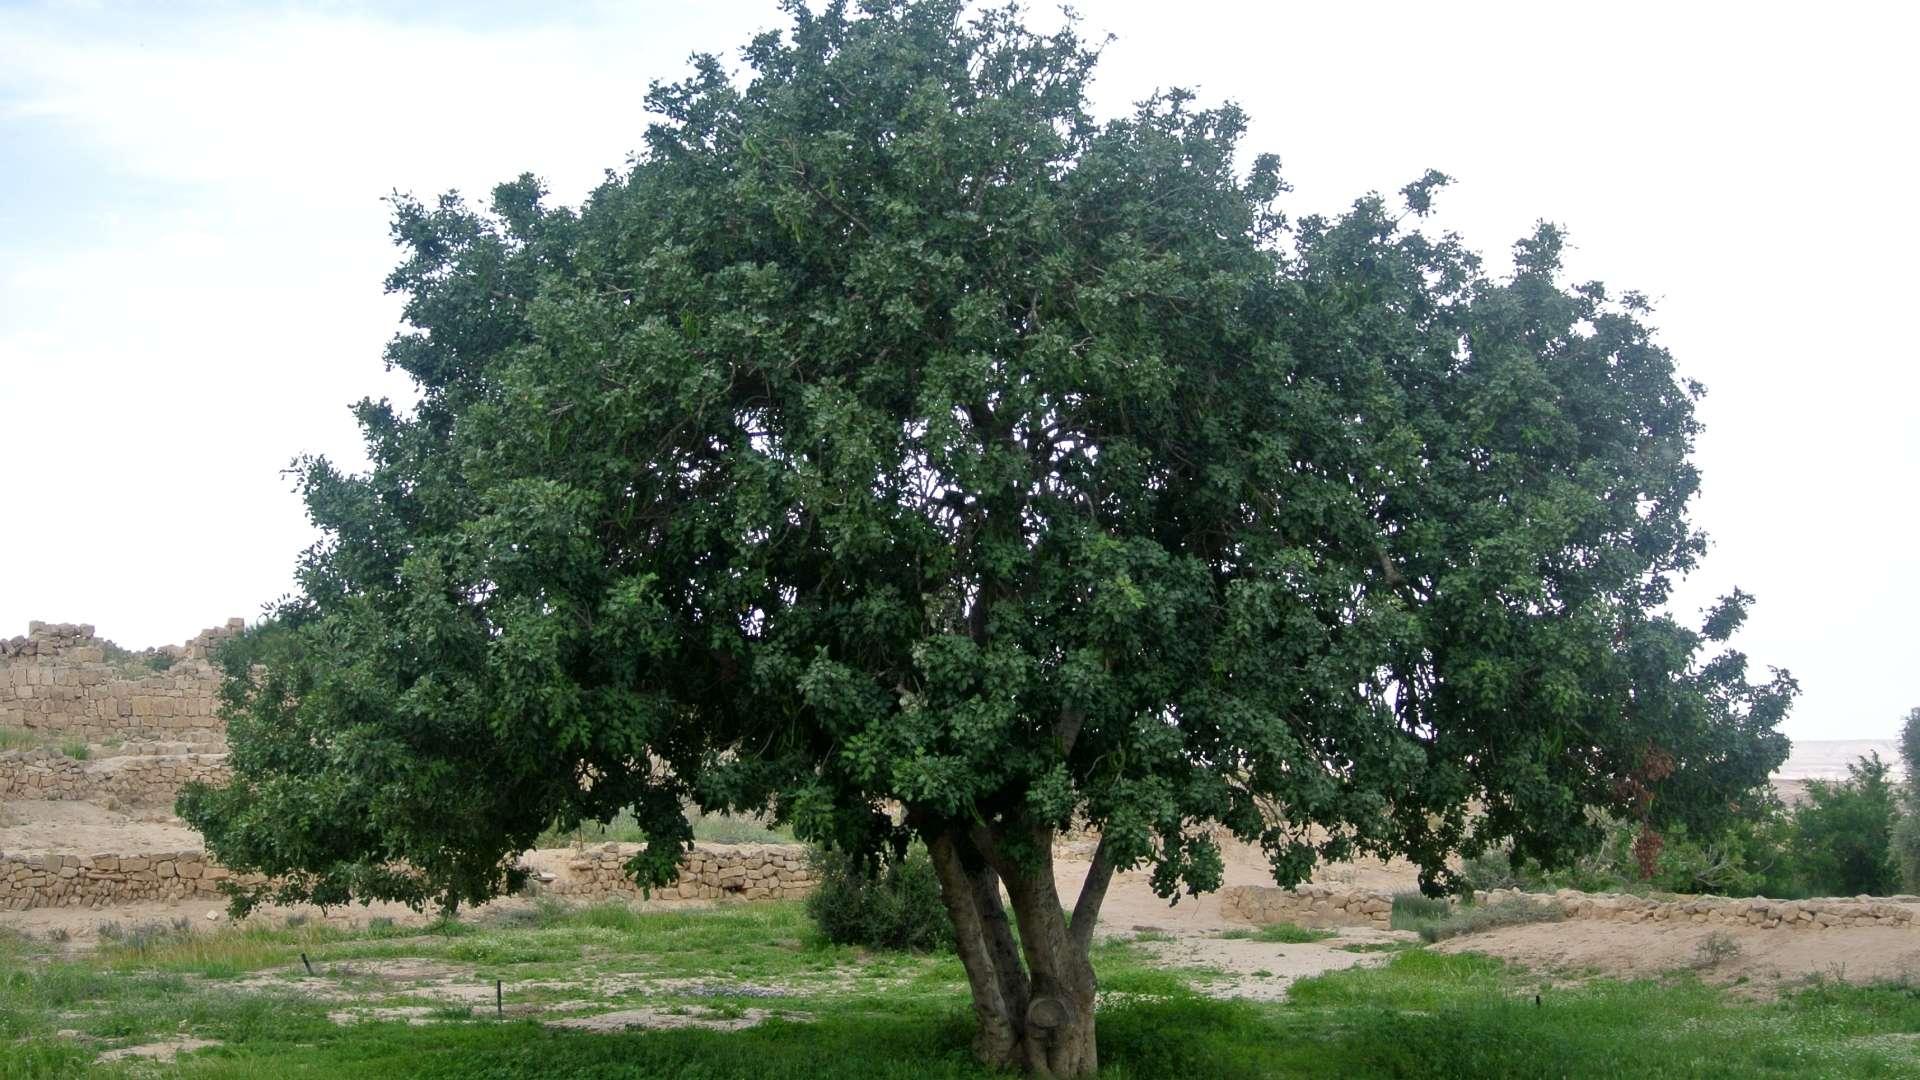 Η χαρουπιά καλλιεργείται εύκολα και ευδοκιμεί σε όλα τα εδάφη εκτός από τα υγρά. Δεν αντέχει σε χαμηλές θερμοκρασίες, προτιμά τις ηλιόλουστες θέσεις γι' αυτό καλλιεργείται συχνότερα σε θερμές εύκρατες ζώνες.